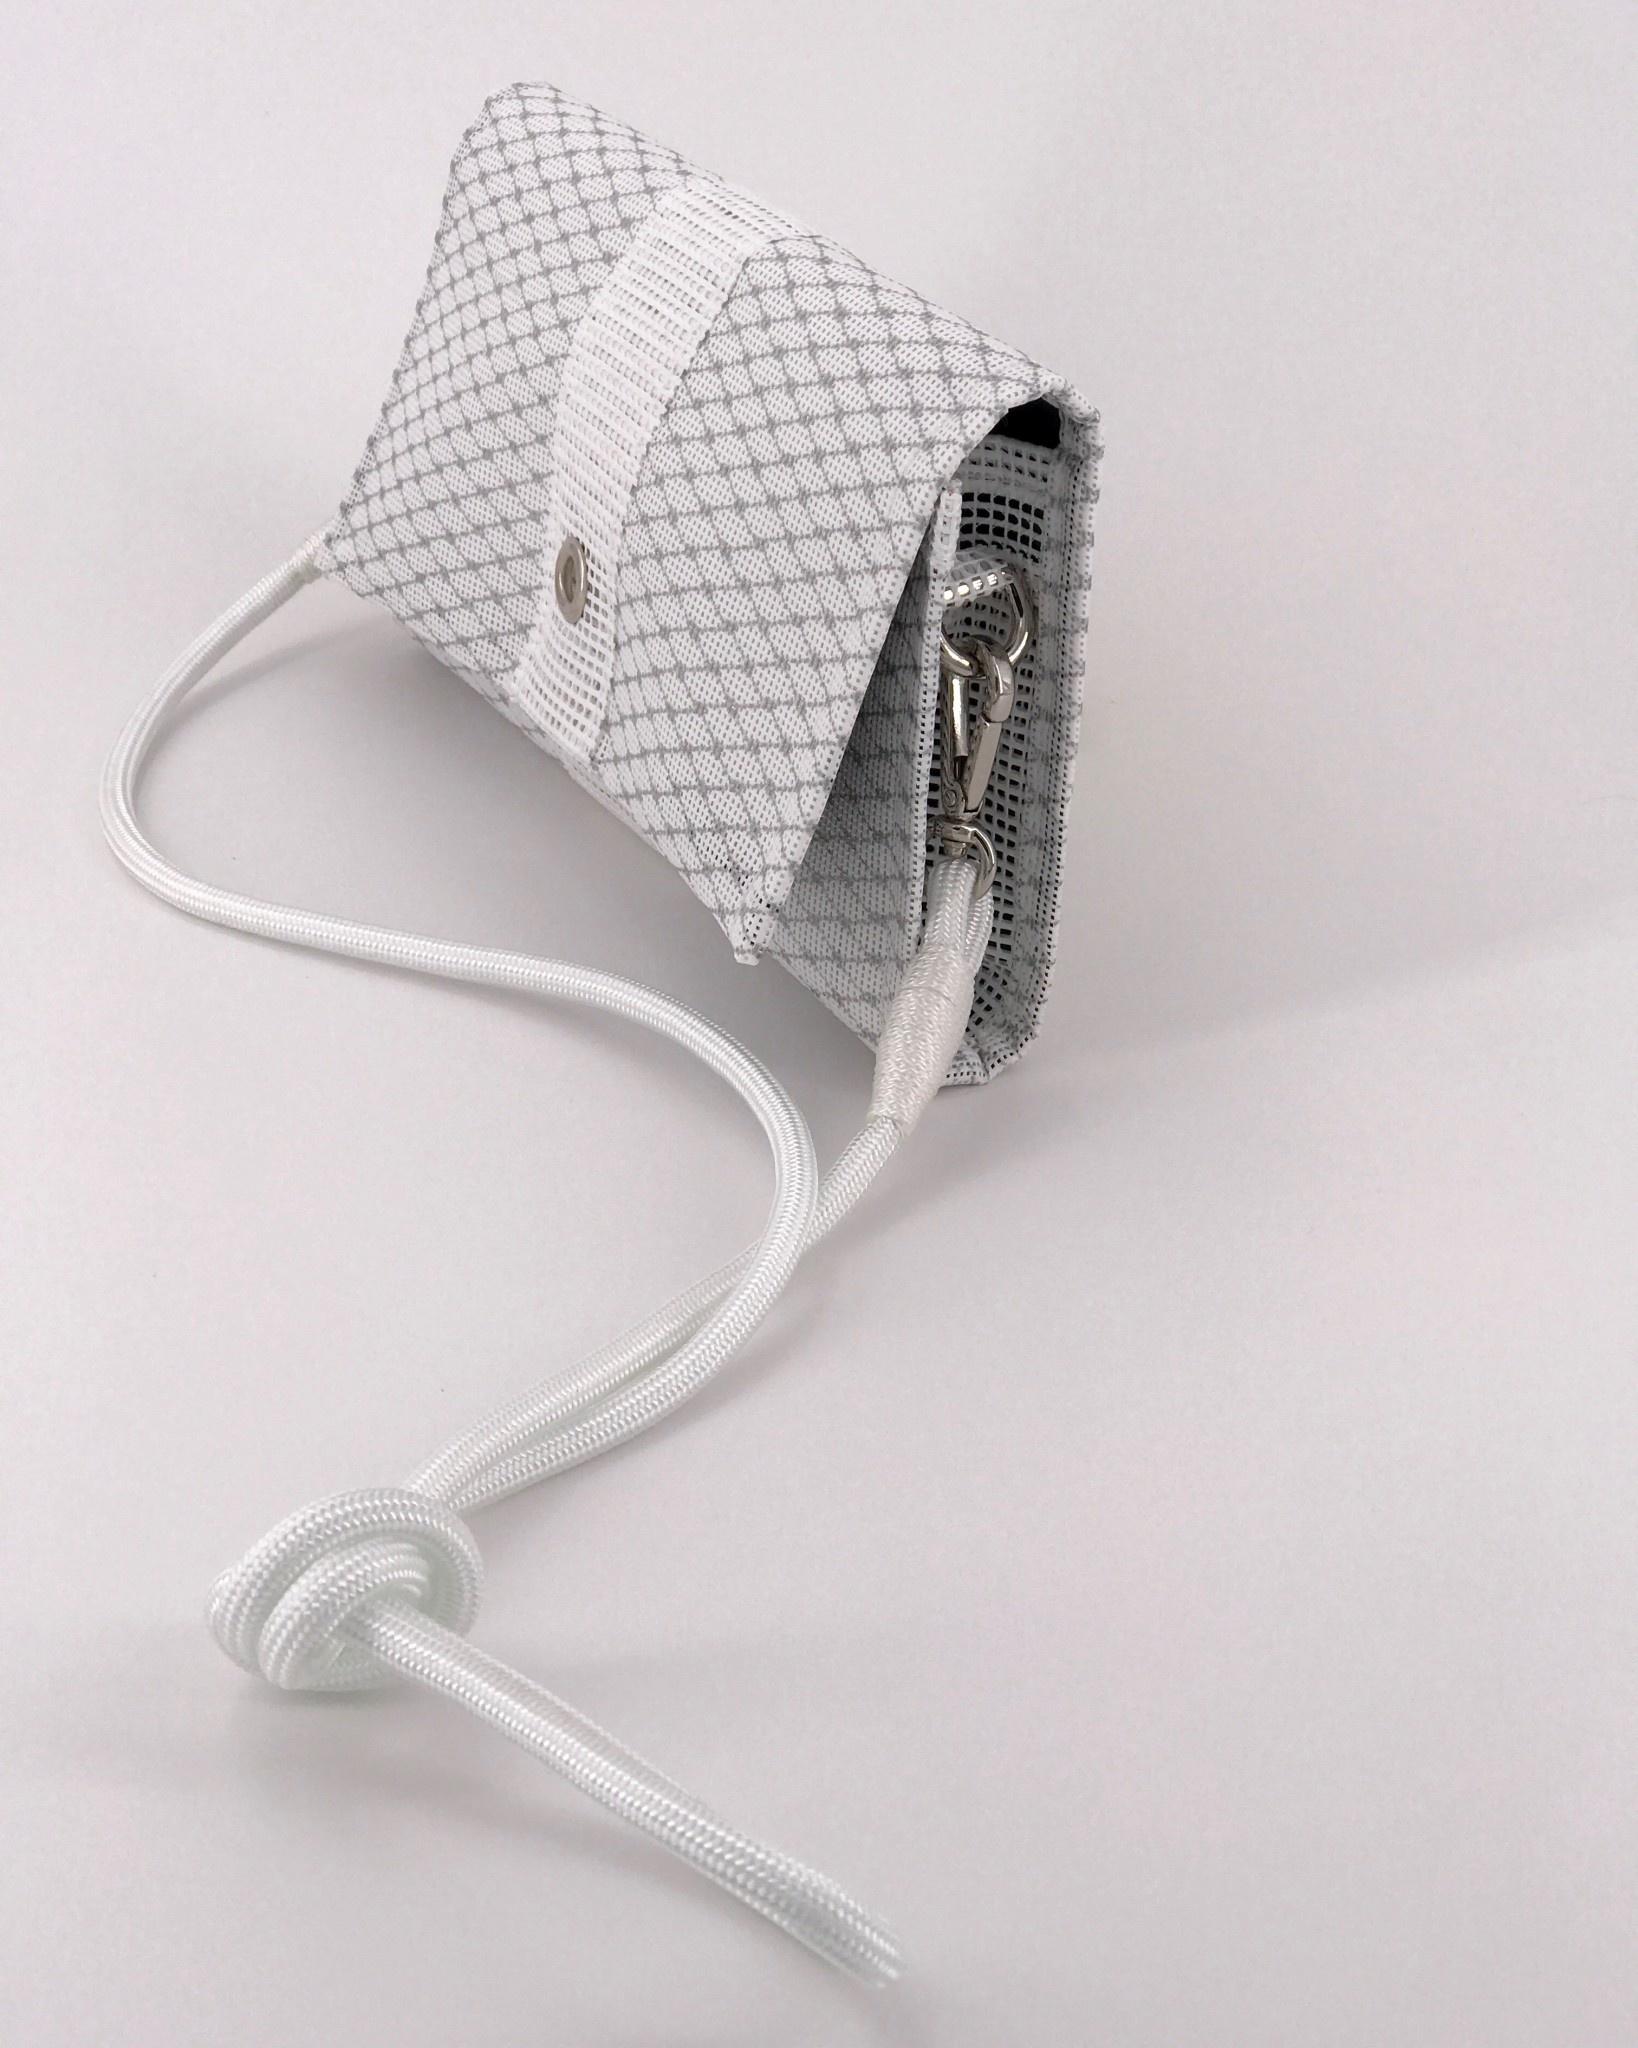 Alaina Marie ® Mini Silver Metallic & White Crossbody